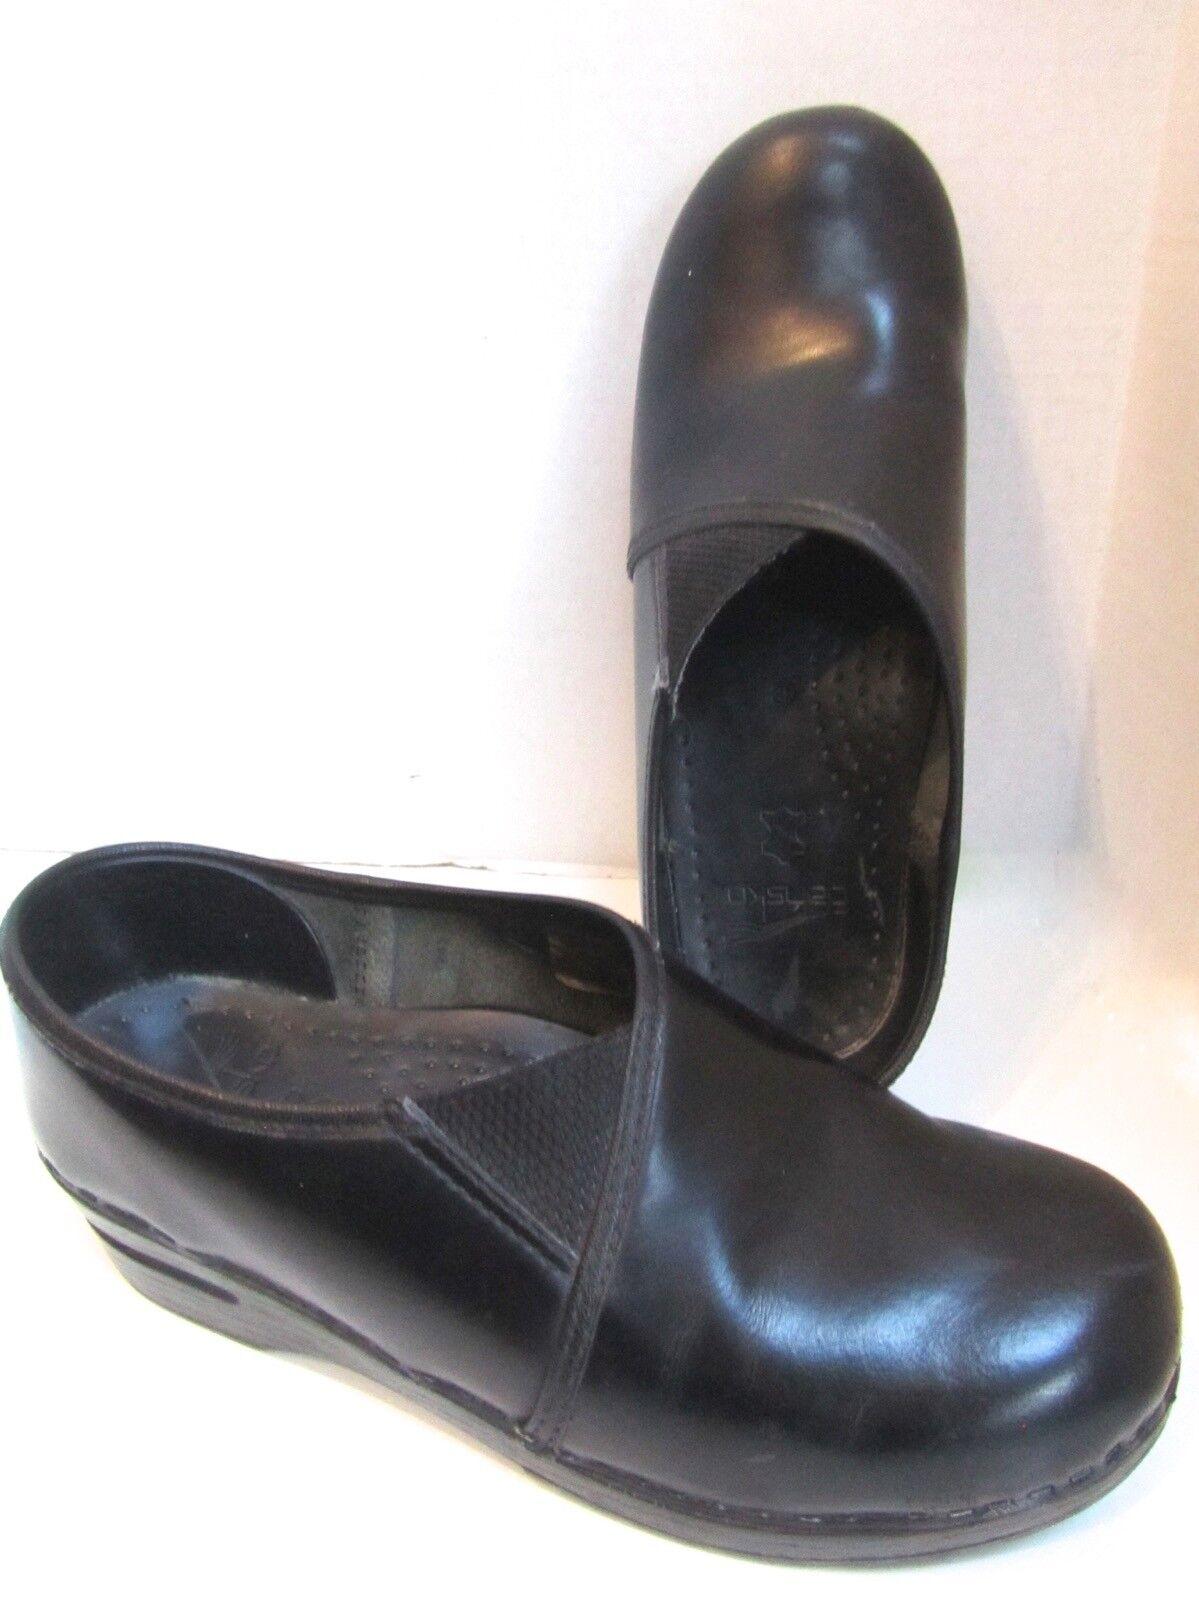 Dansko Professionnel Cuir Noir Enveloppant Accent Sabots Chaussures 39 8.5 EXC